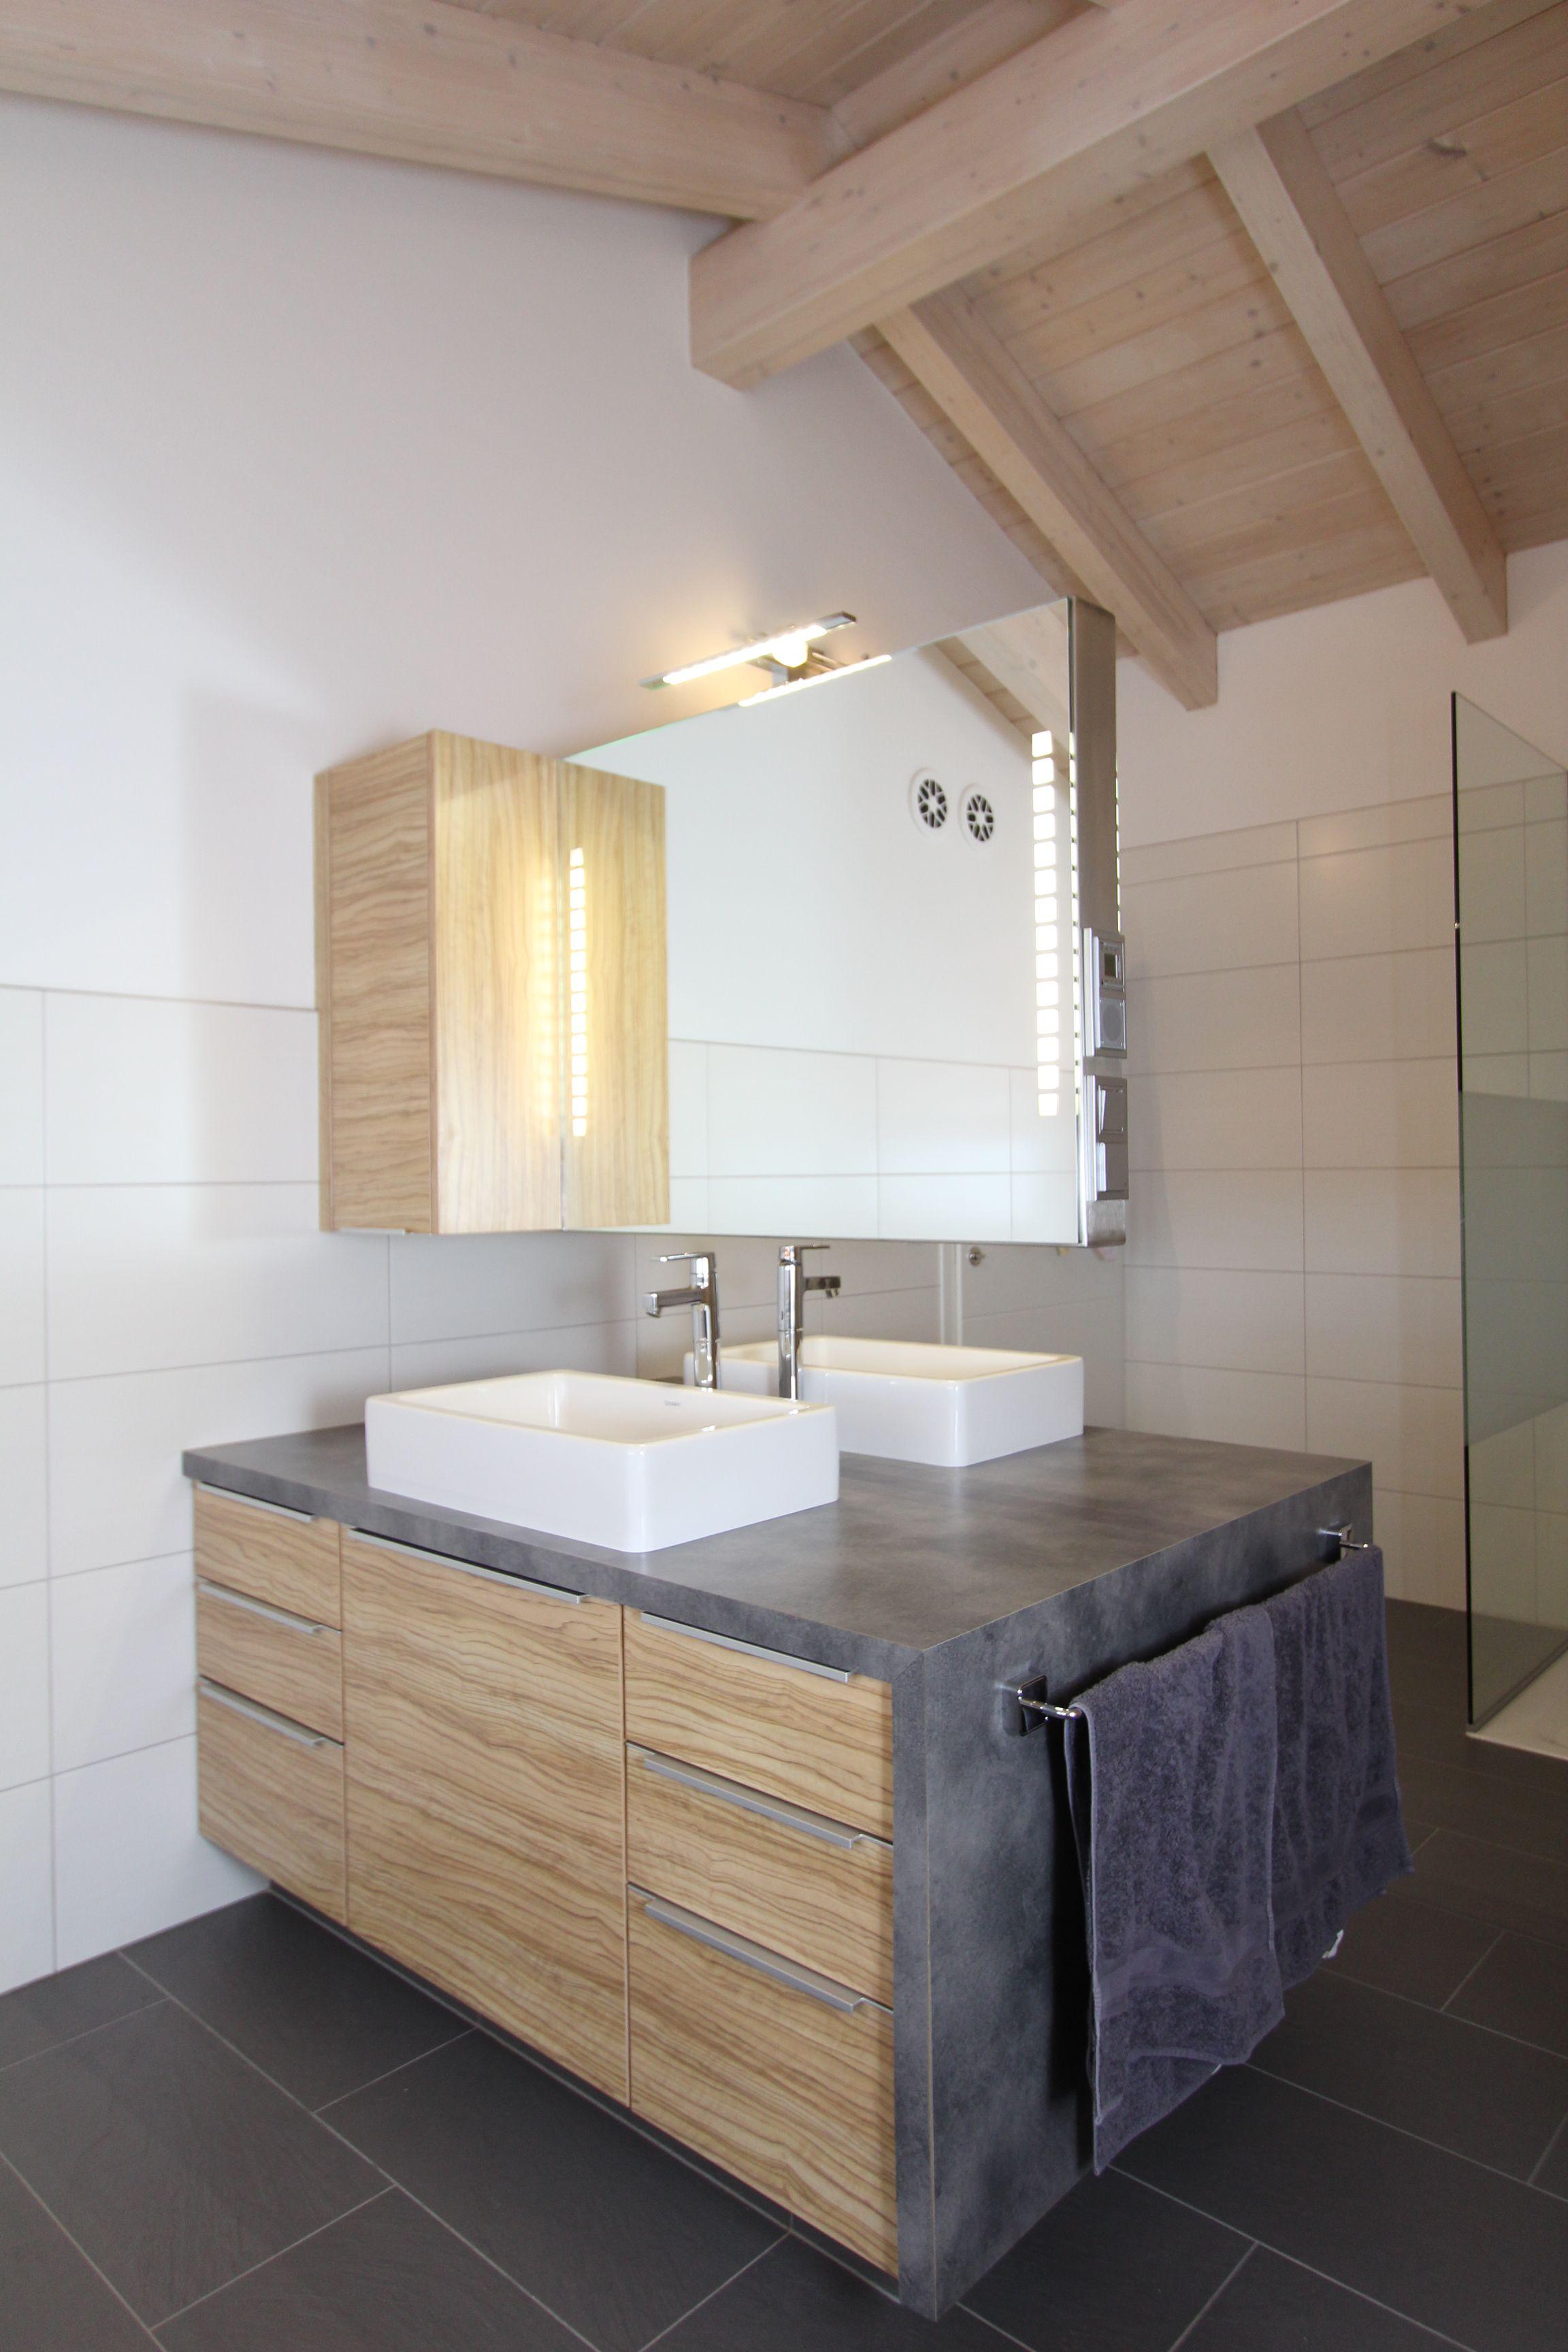 Herauskragender Spiegel Im Bad Aufsatzwaschbecken Bad Einrichten Und Wandregal Mit Schublade